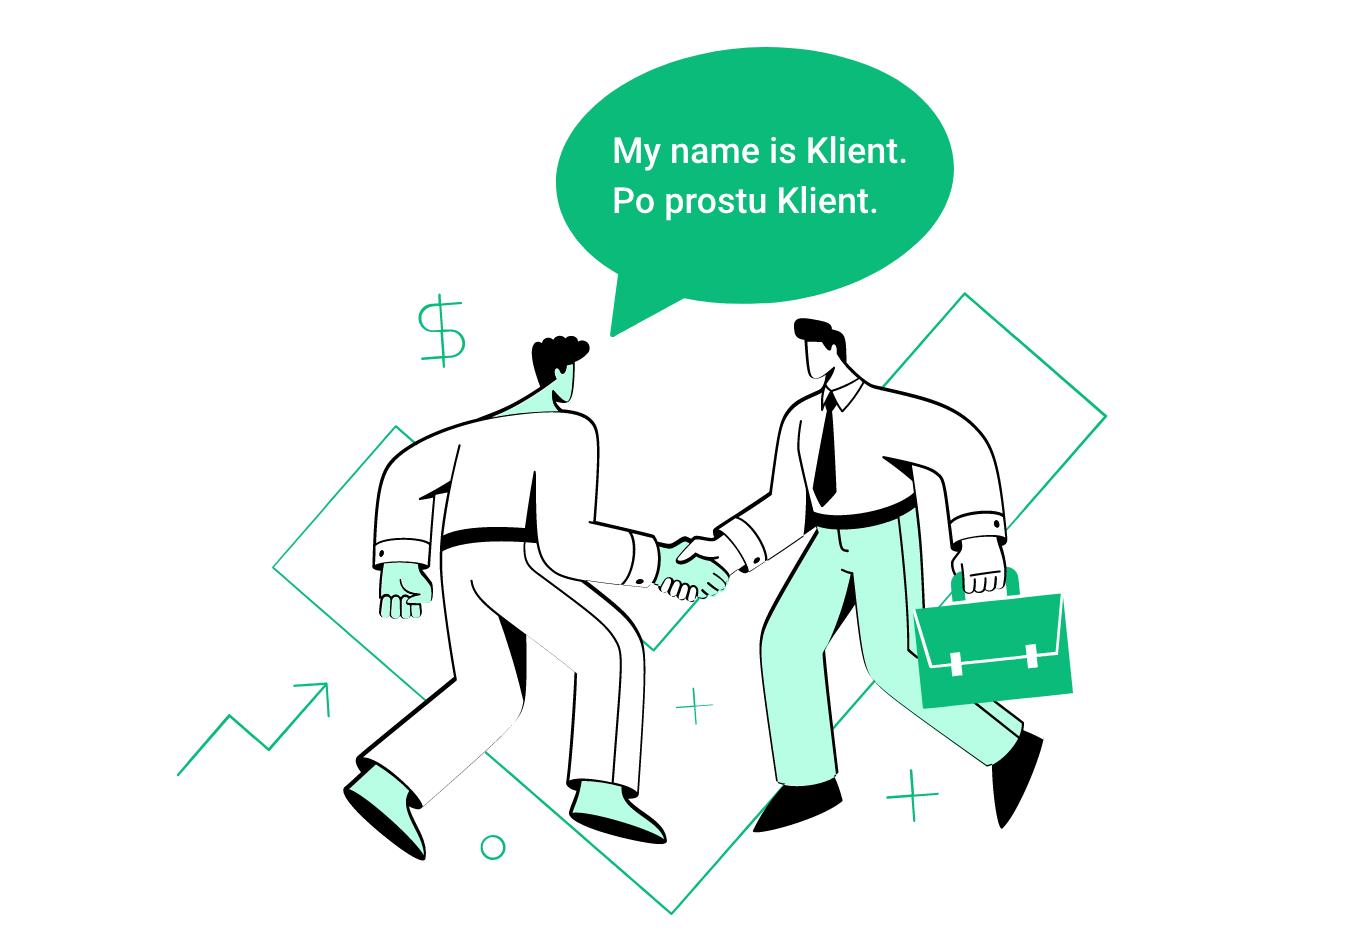 ilustracja: przekształcanie potencjalnego klienta w klienta